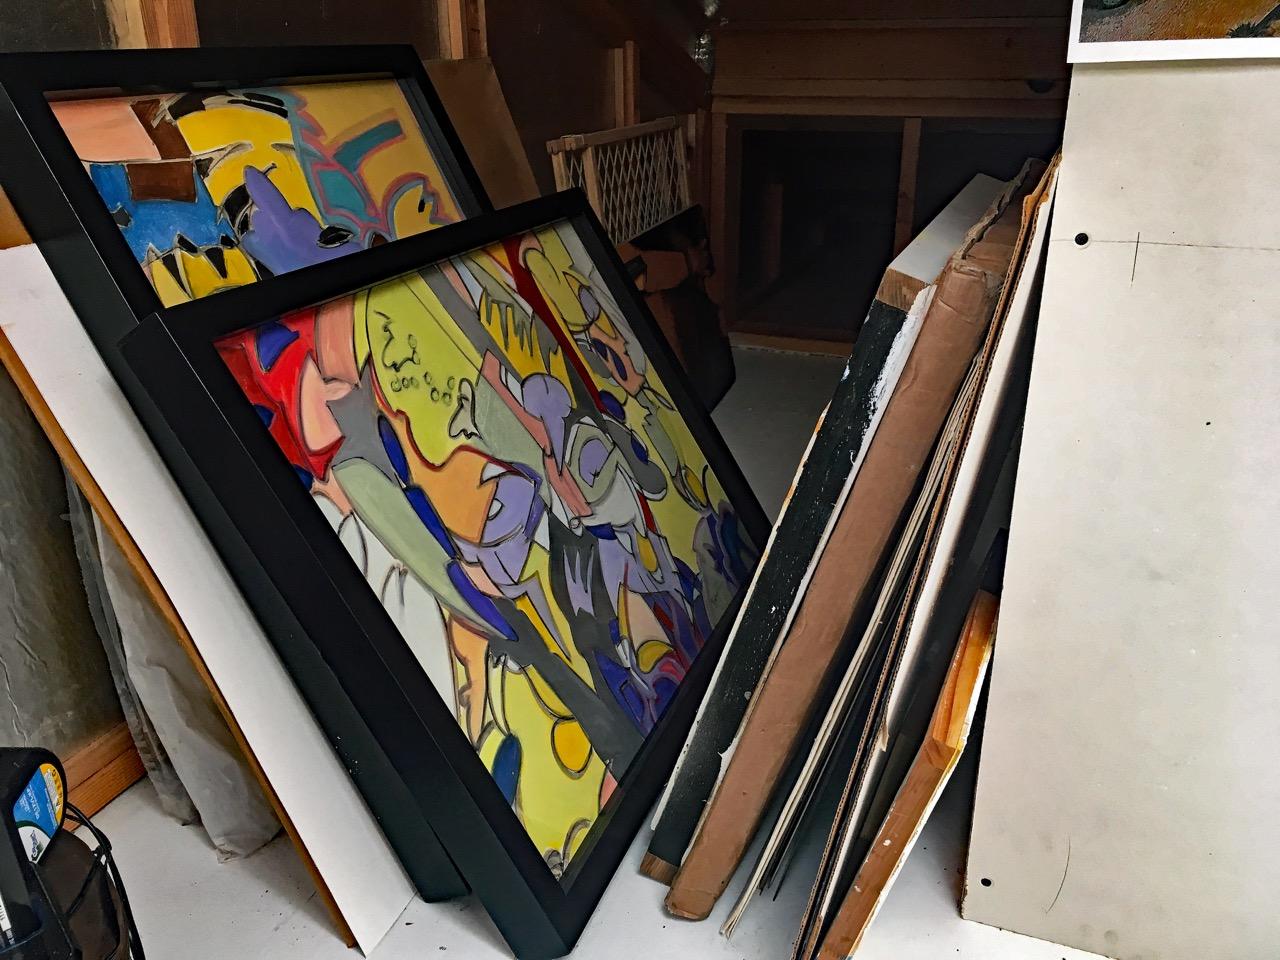 studio paintings in rack.jpeg